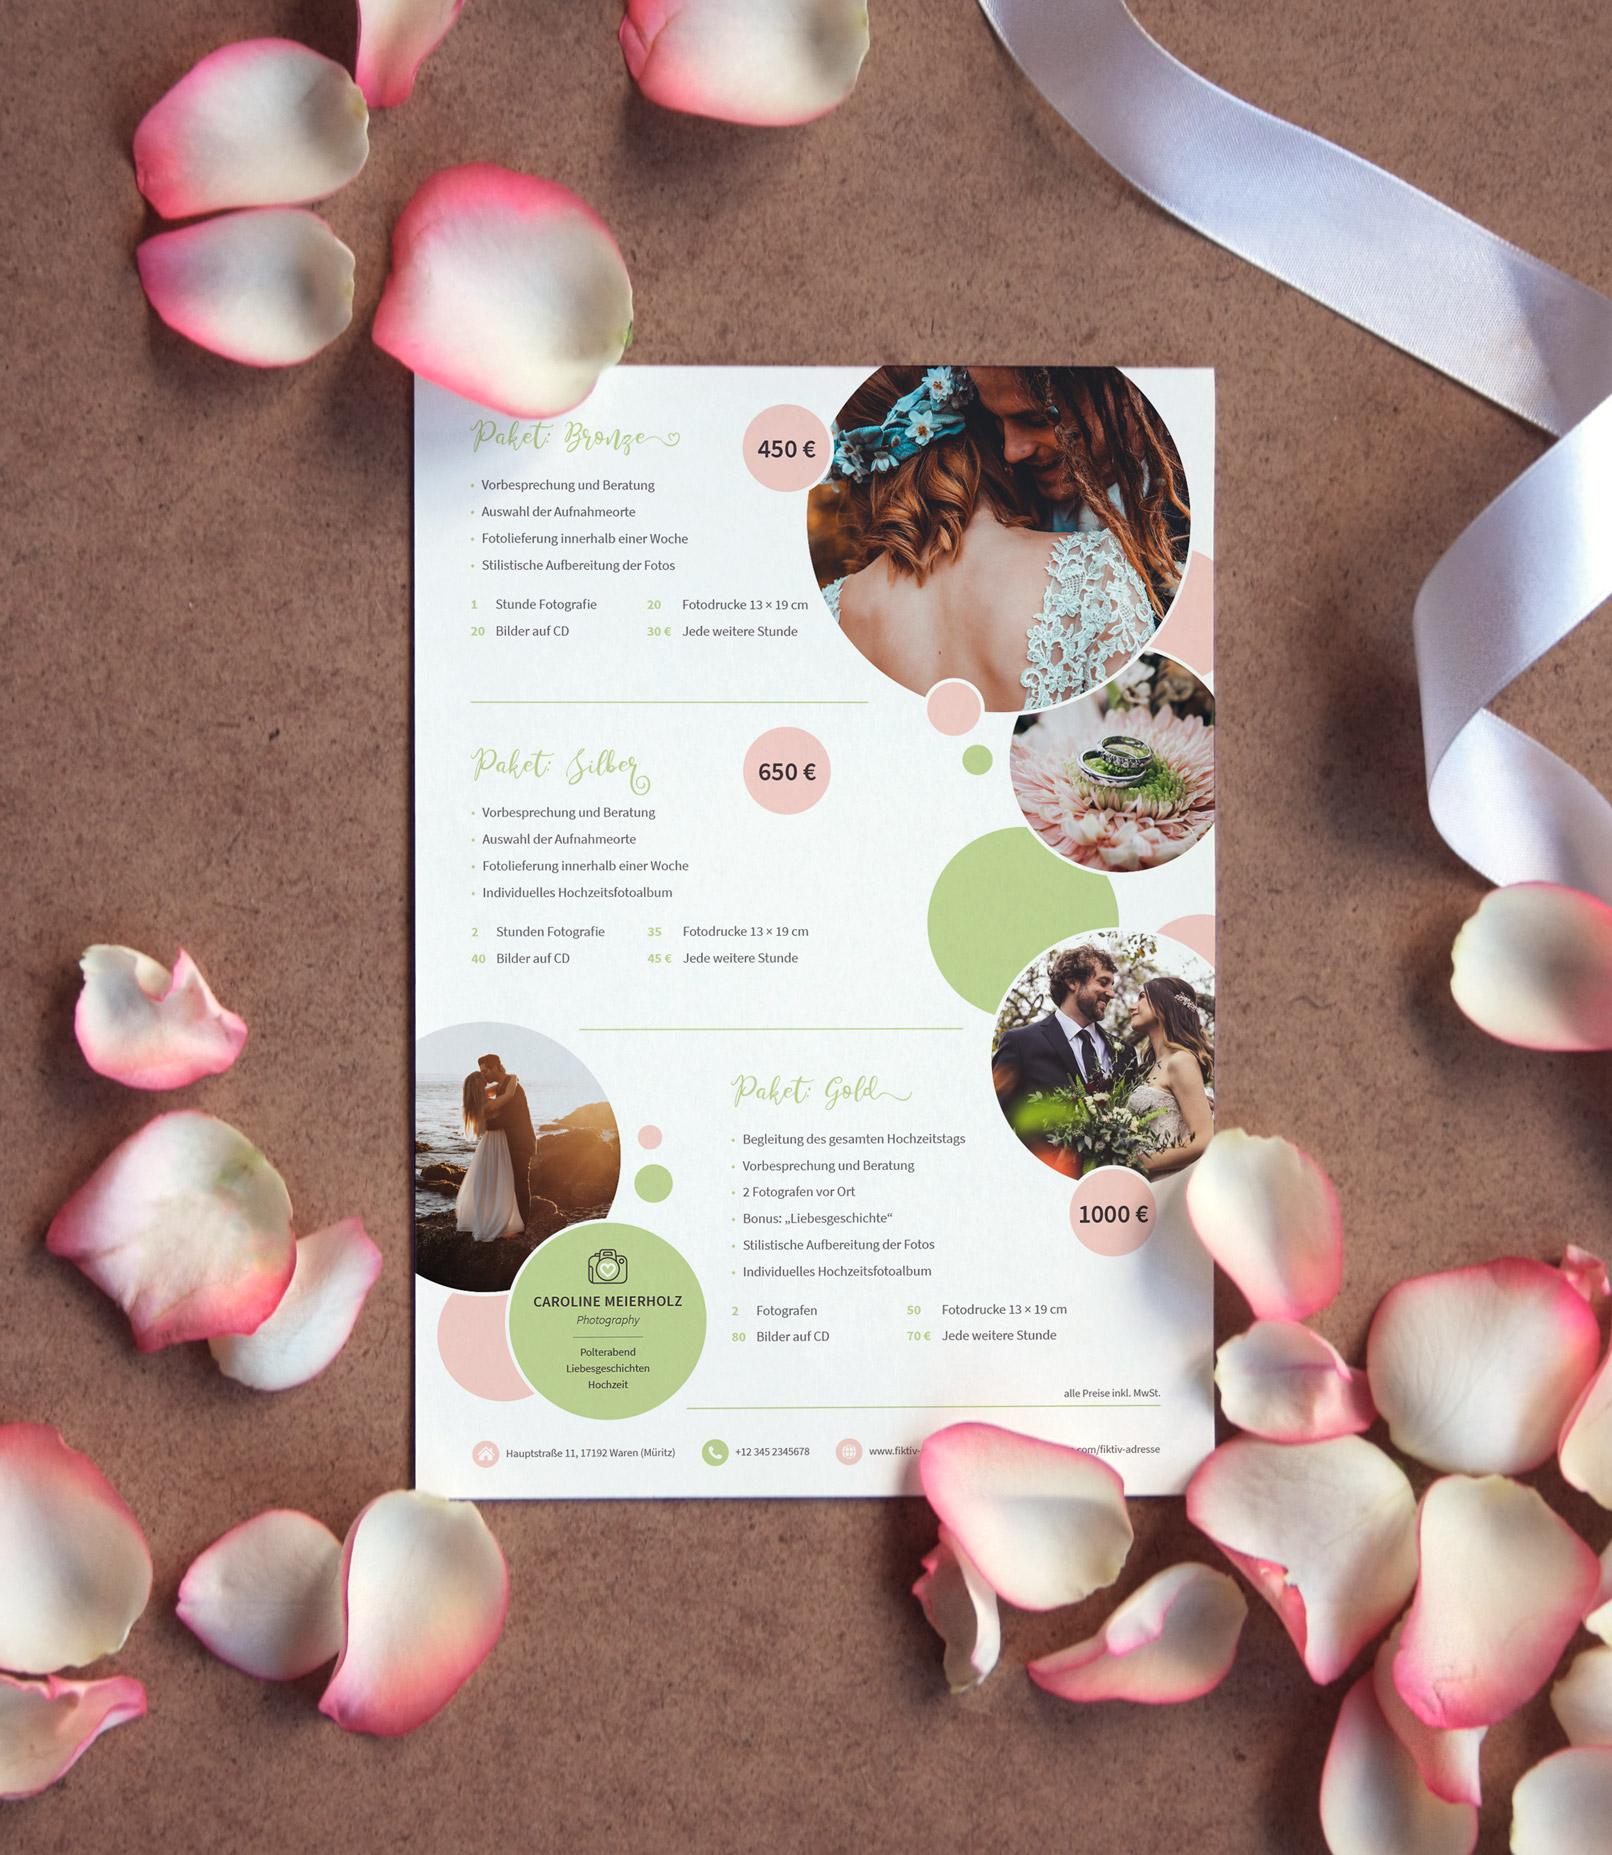 Preislisten-Vorlage für Fotografen (Hochzeitsfotografie) zur Bearbeitung in Photoshop, InDesign und Word